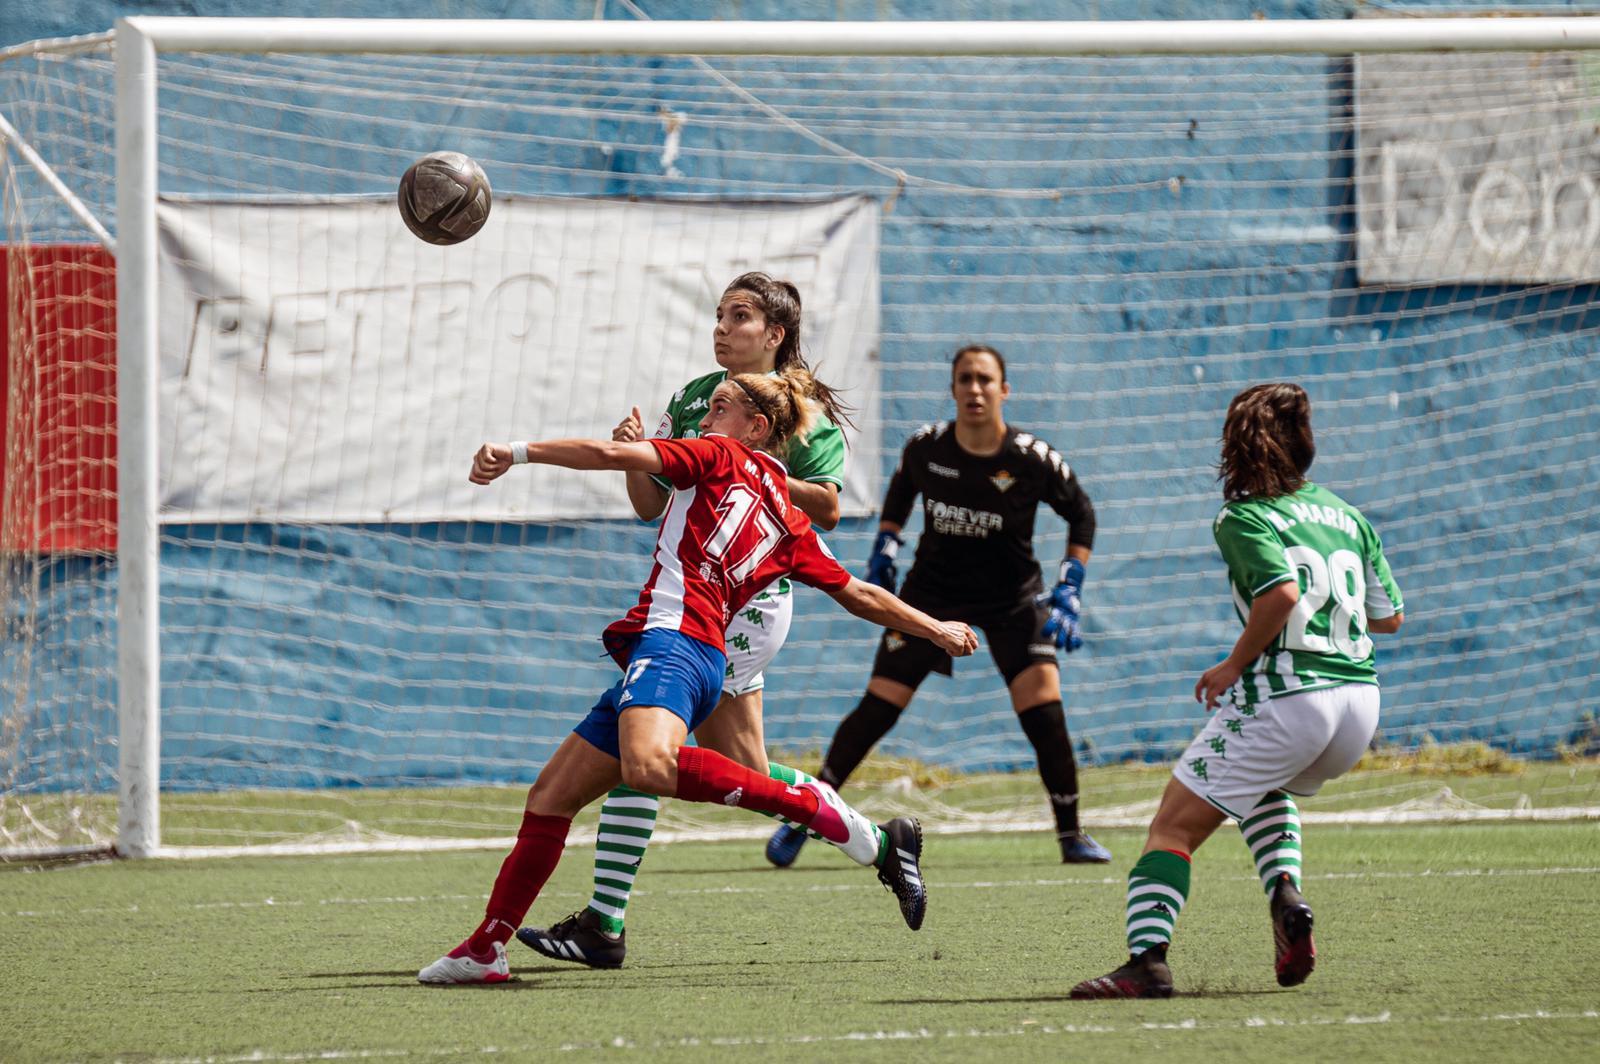 Real Unión de Tenerife resuelve a balón parado ante el Betis B (1-0)